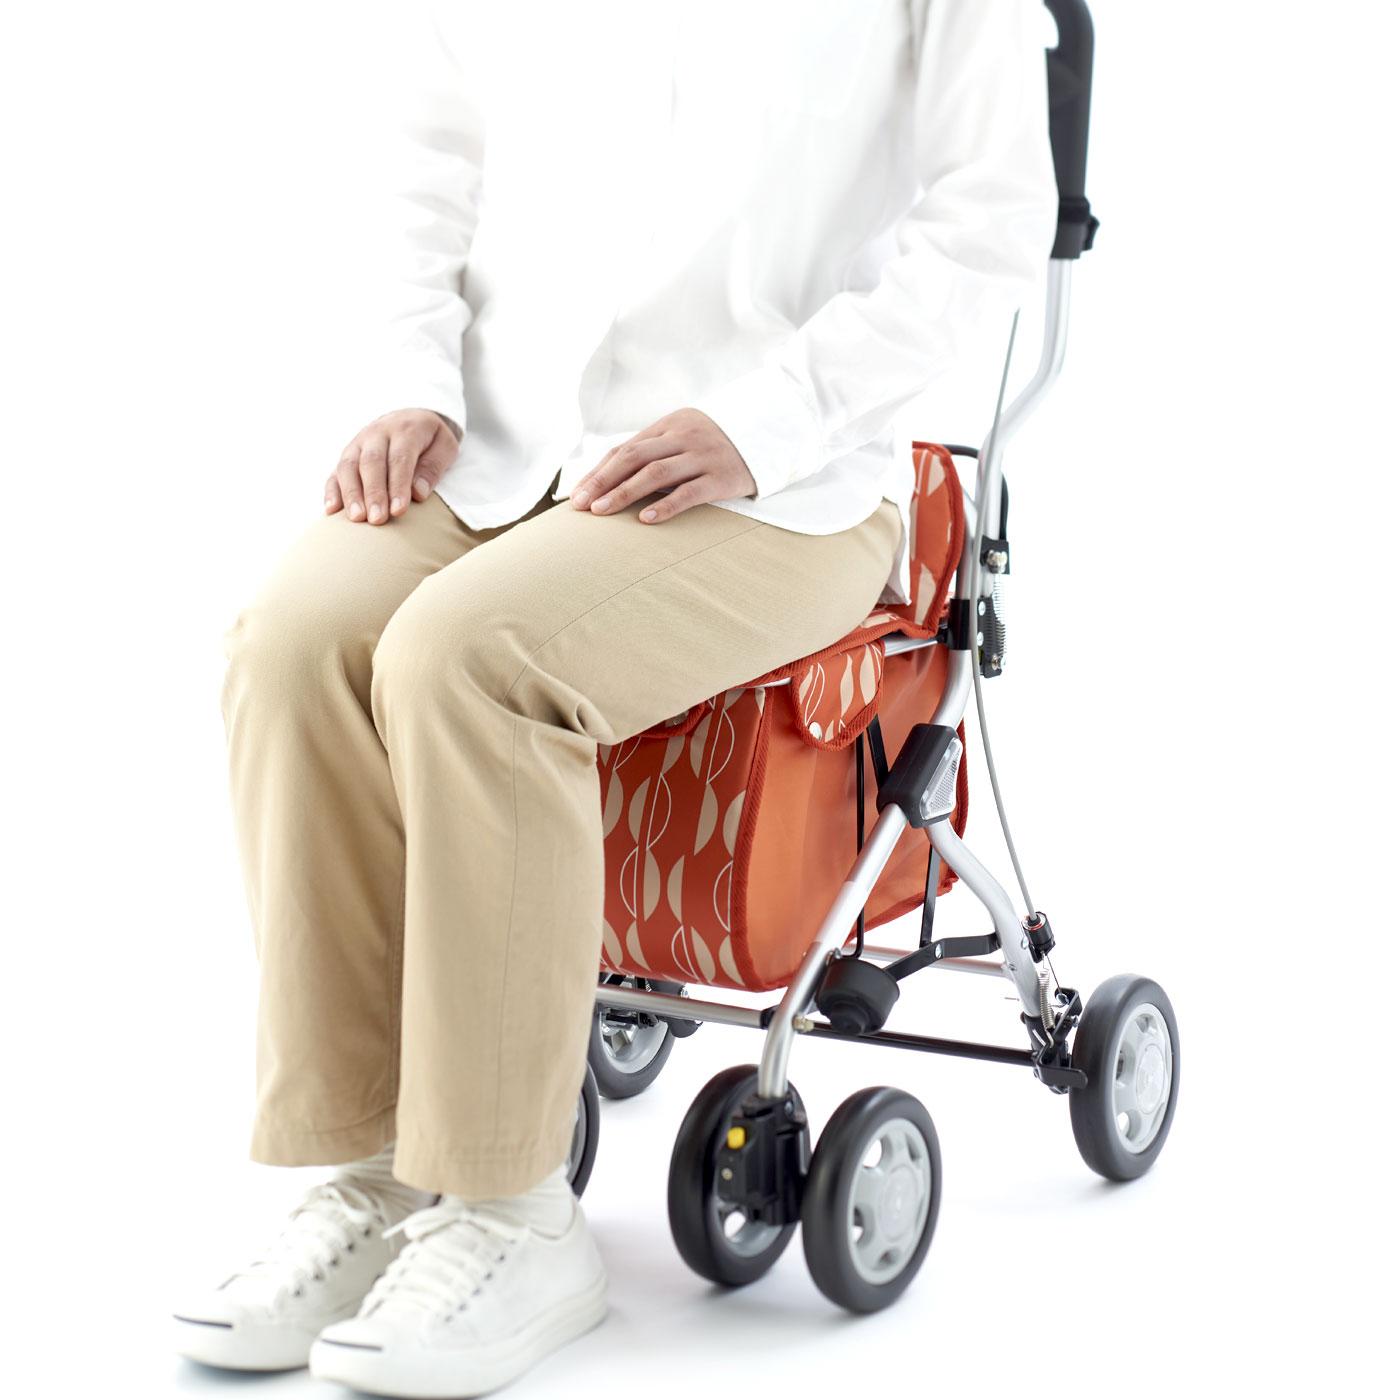 厚みのあるふっくら座面で快適。ふわふわクッションなので、長時間座っていてもお尻が痛くなりにくいです。